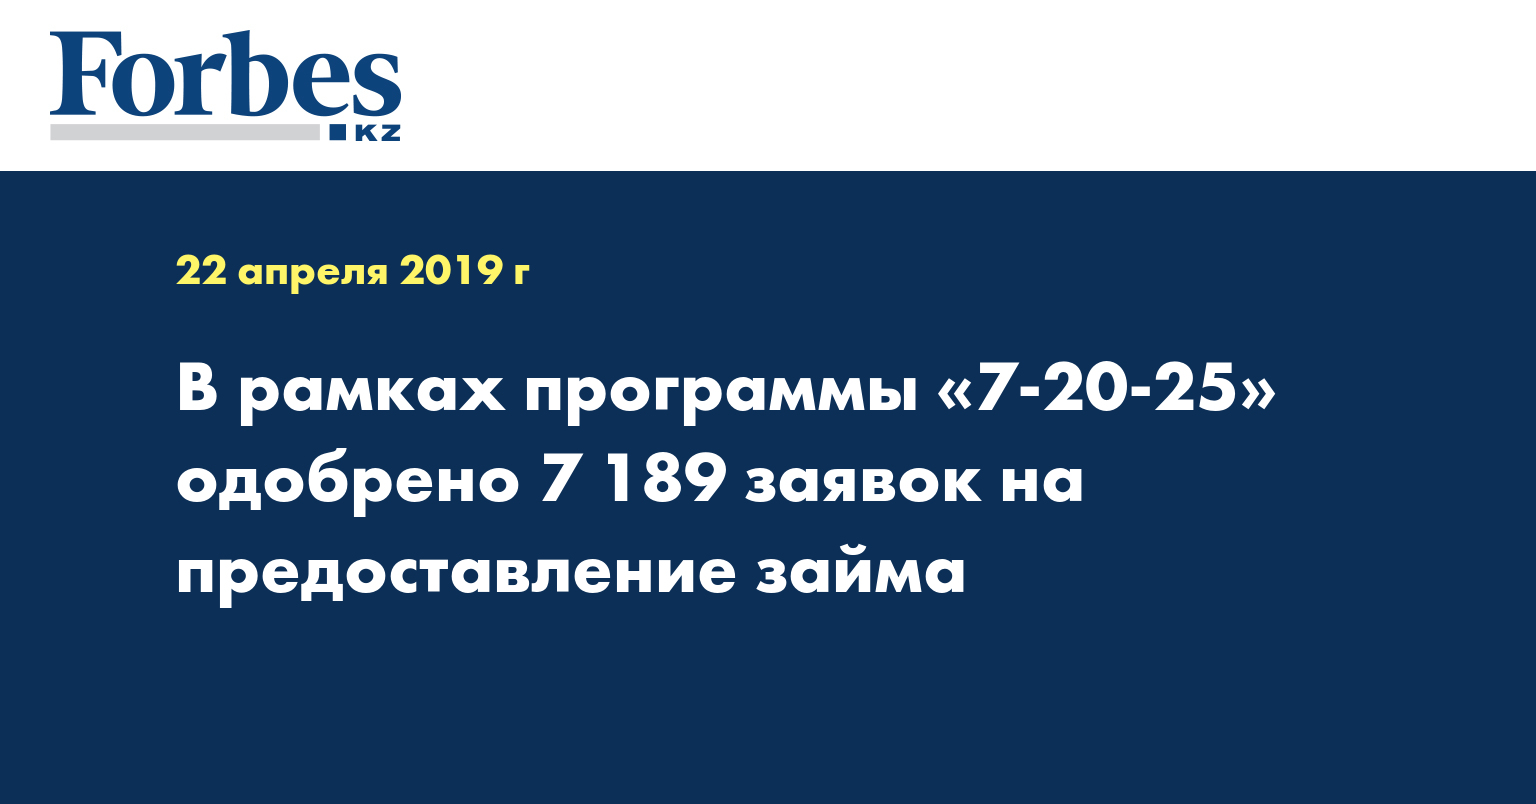 В рамках программы «7-20-25» одобрено 7 189 заявок на предоставление займа